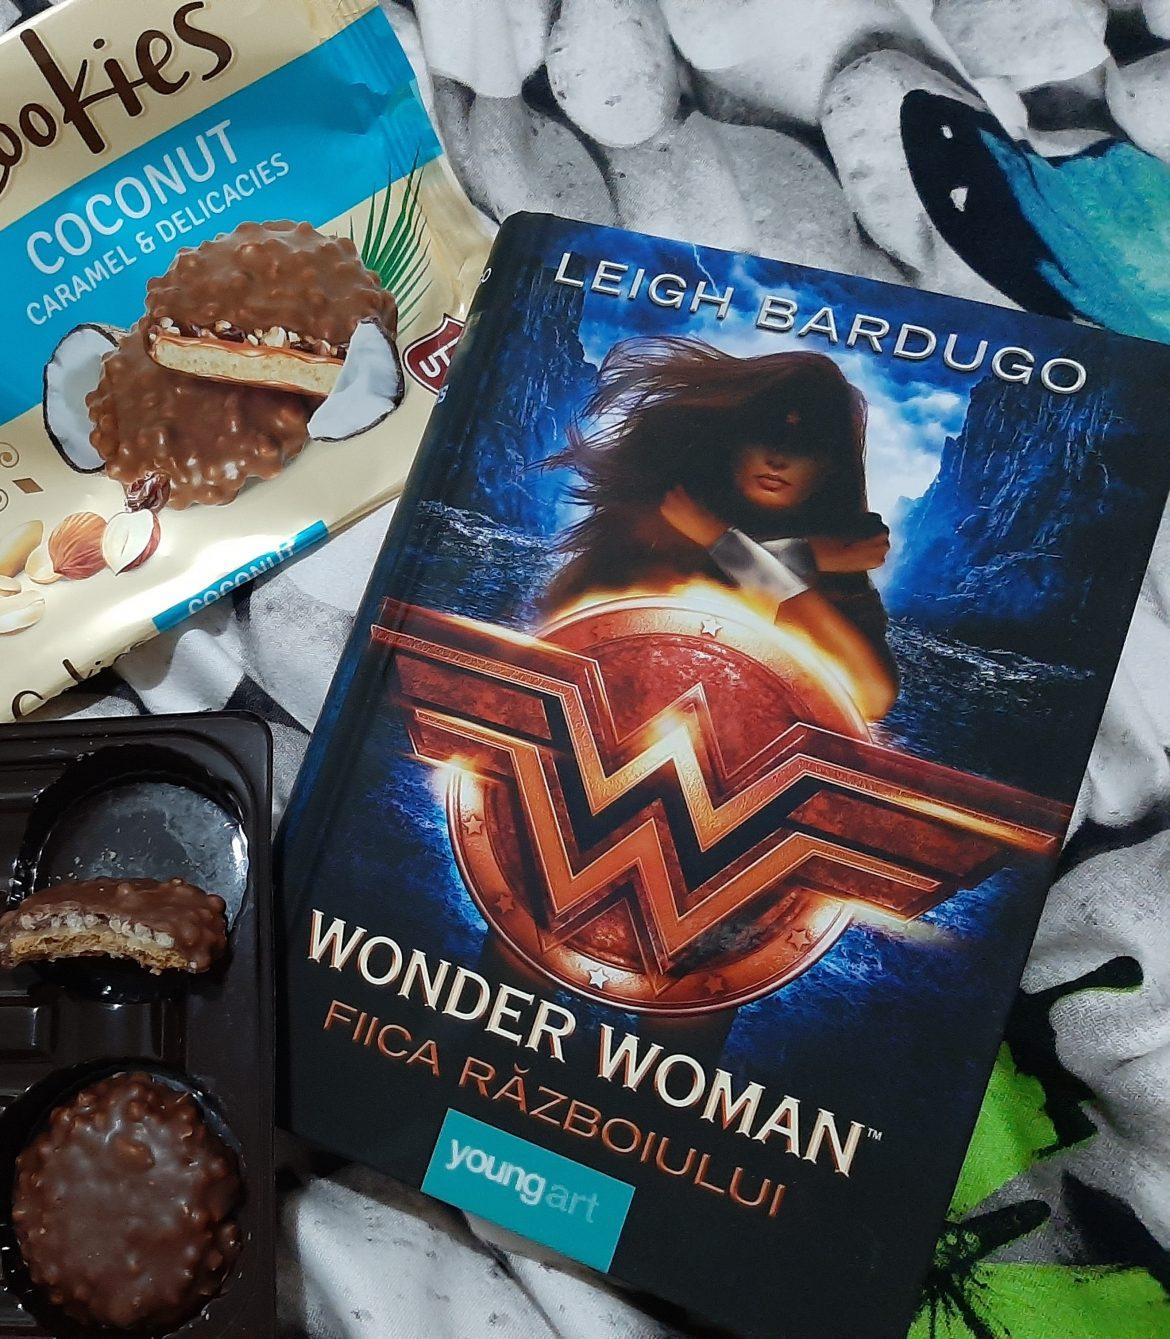 Wonder Women. Fiica Războiului de Leigh Bardugo – recenzie